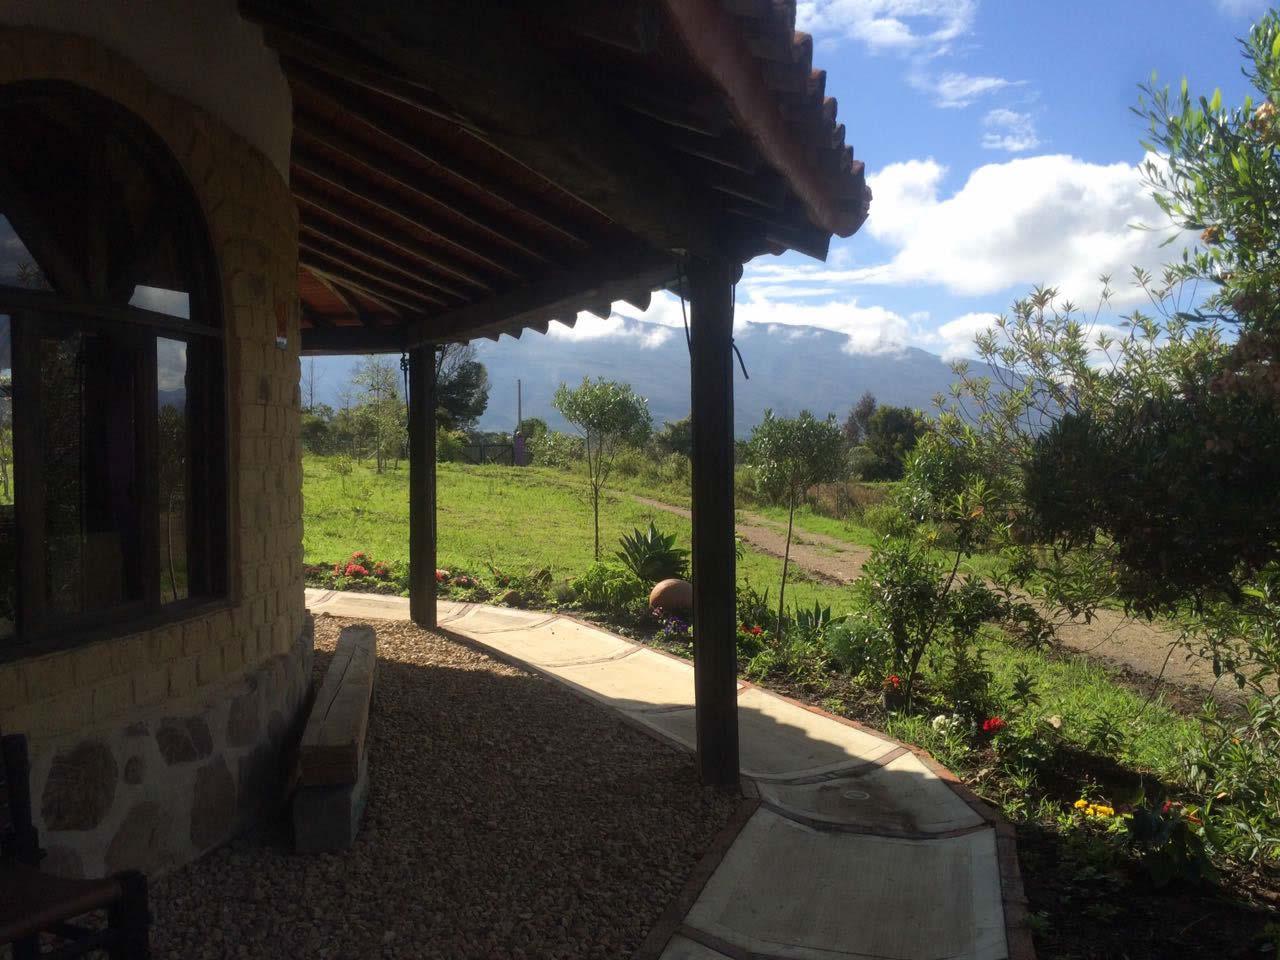 Alquiler casa Jishana Villa de Leyva - Vista